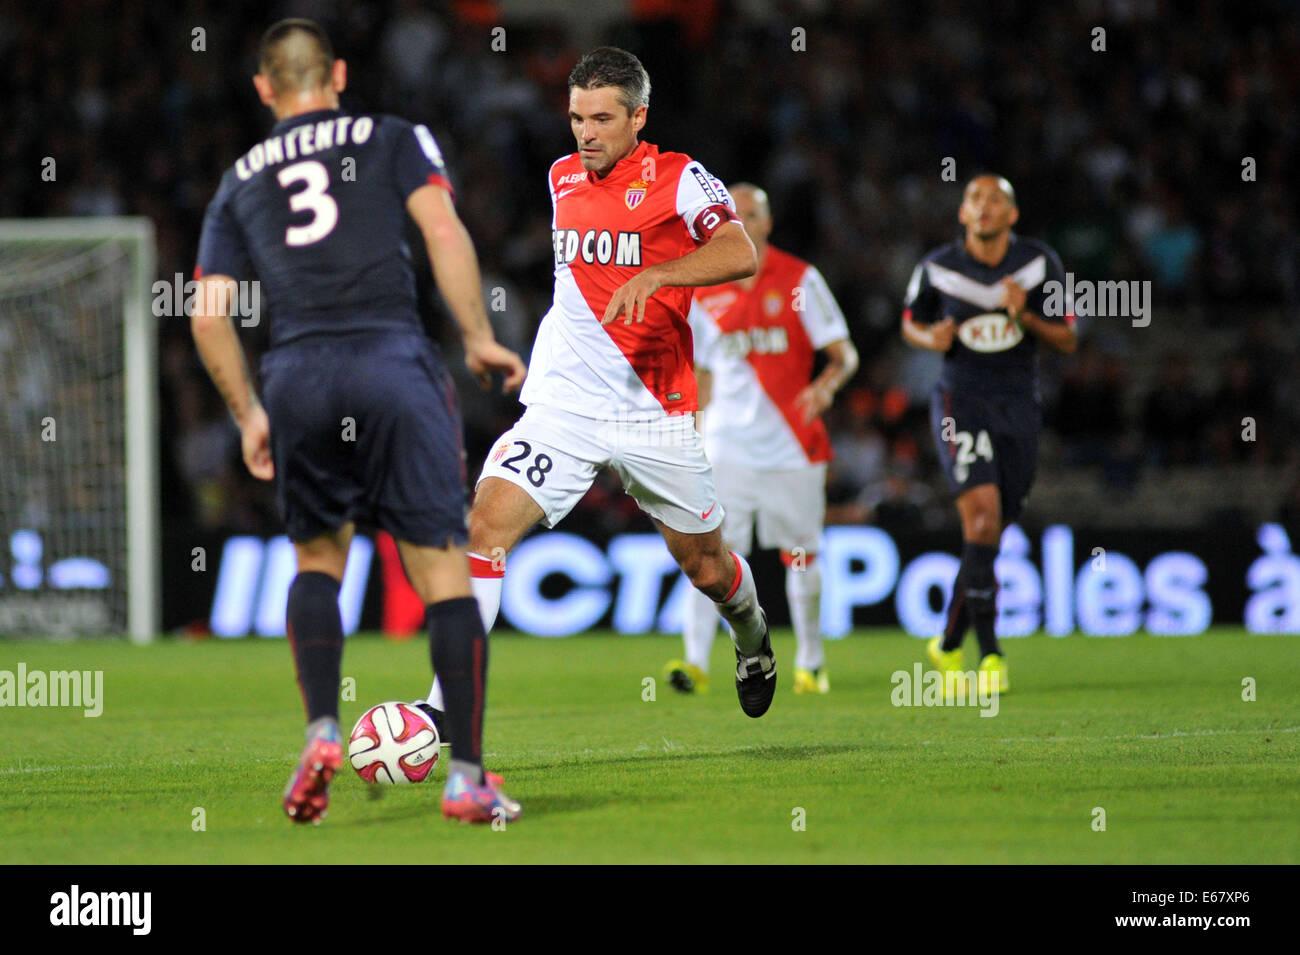 Bordeaux, Francia. 17 Ago, 2014. French League calcio 1. Bordeaux rispetto a Monaco. JEREMY TOULALAN prende il contento Immagini Stock